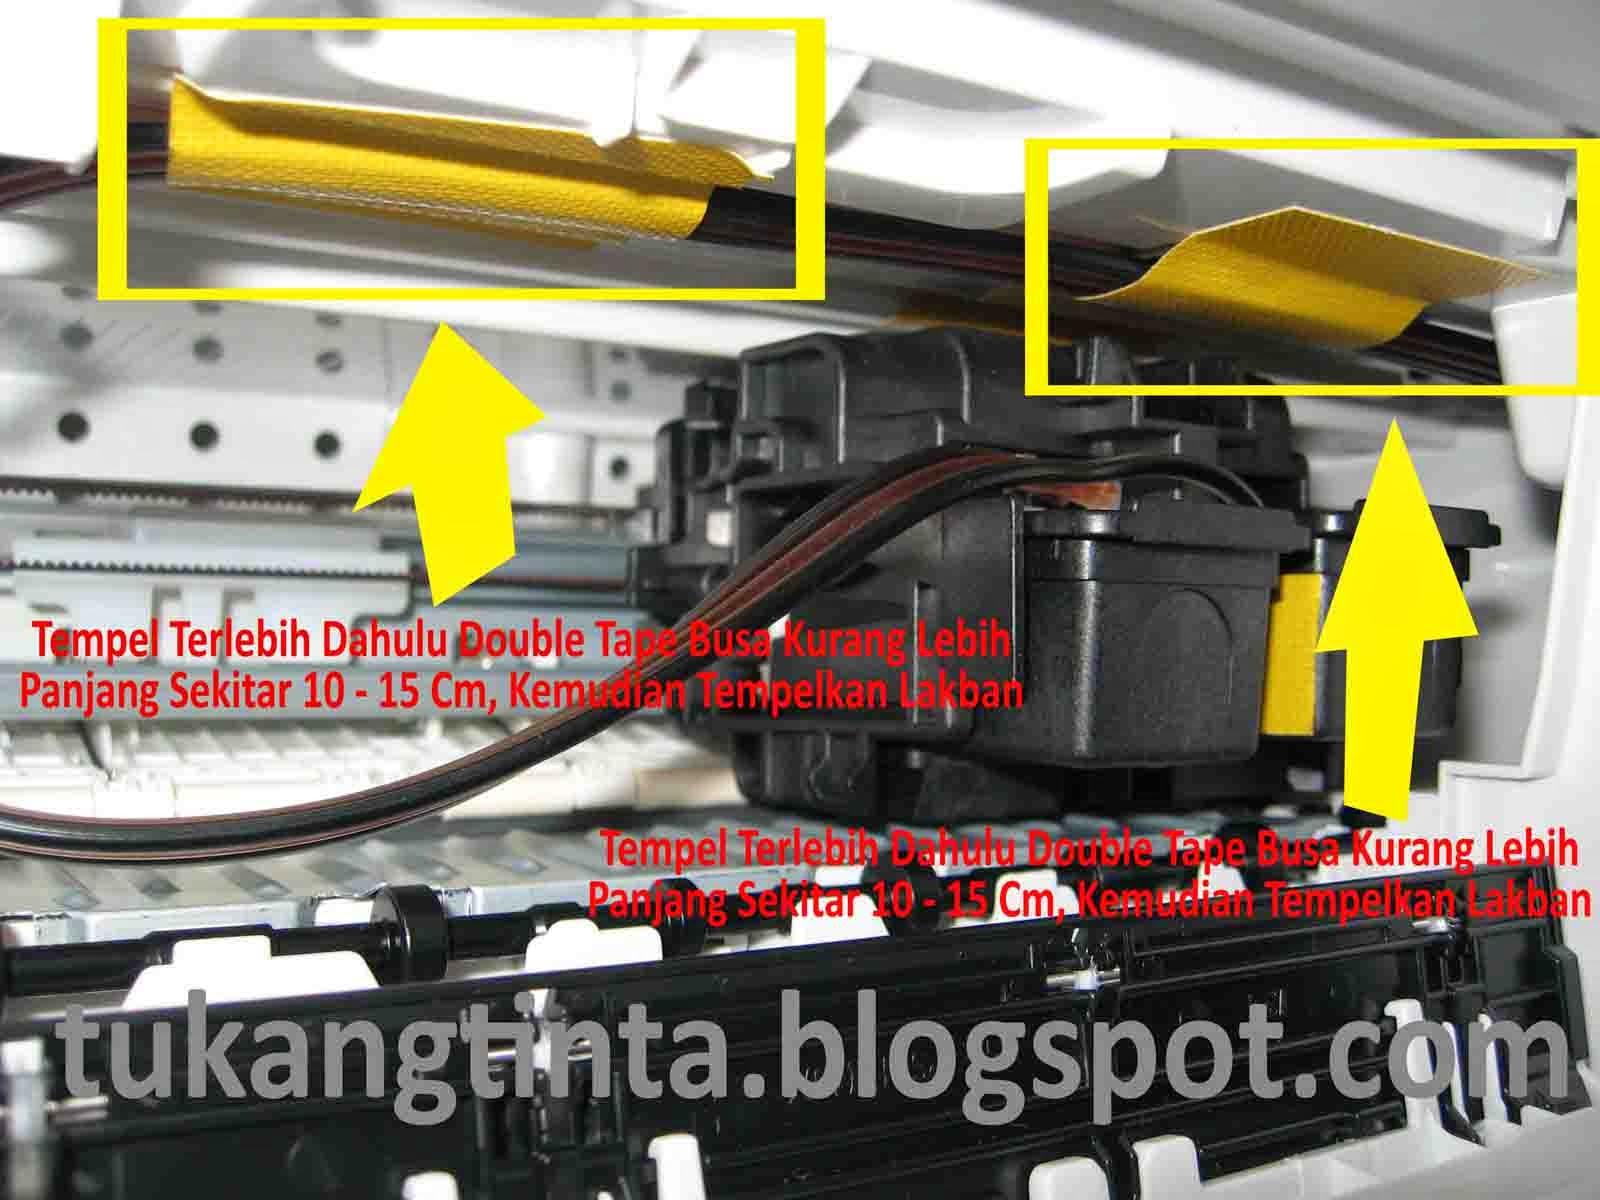 http://tukangtinta.blogspot.com/2014/04/cara-pasang-instalasi-infus-canon.html